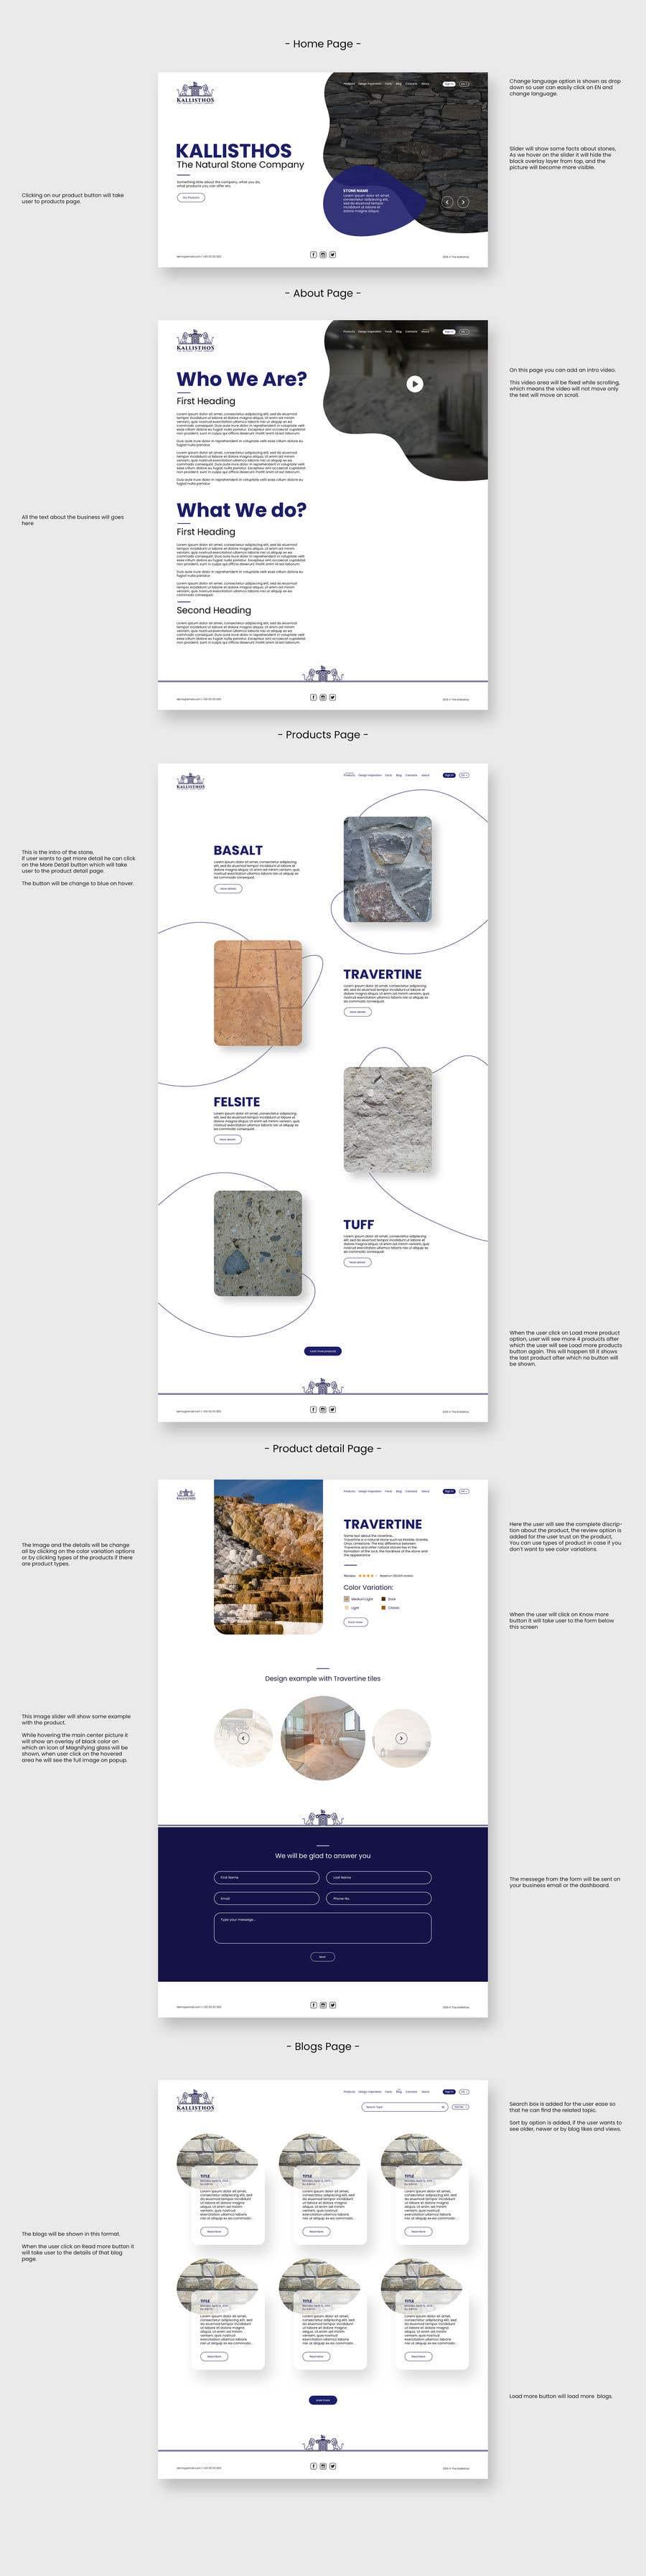 """Intrarea #235 pentru concursul """"Screen Design - Natural Stone Company"""""""